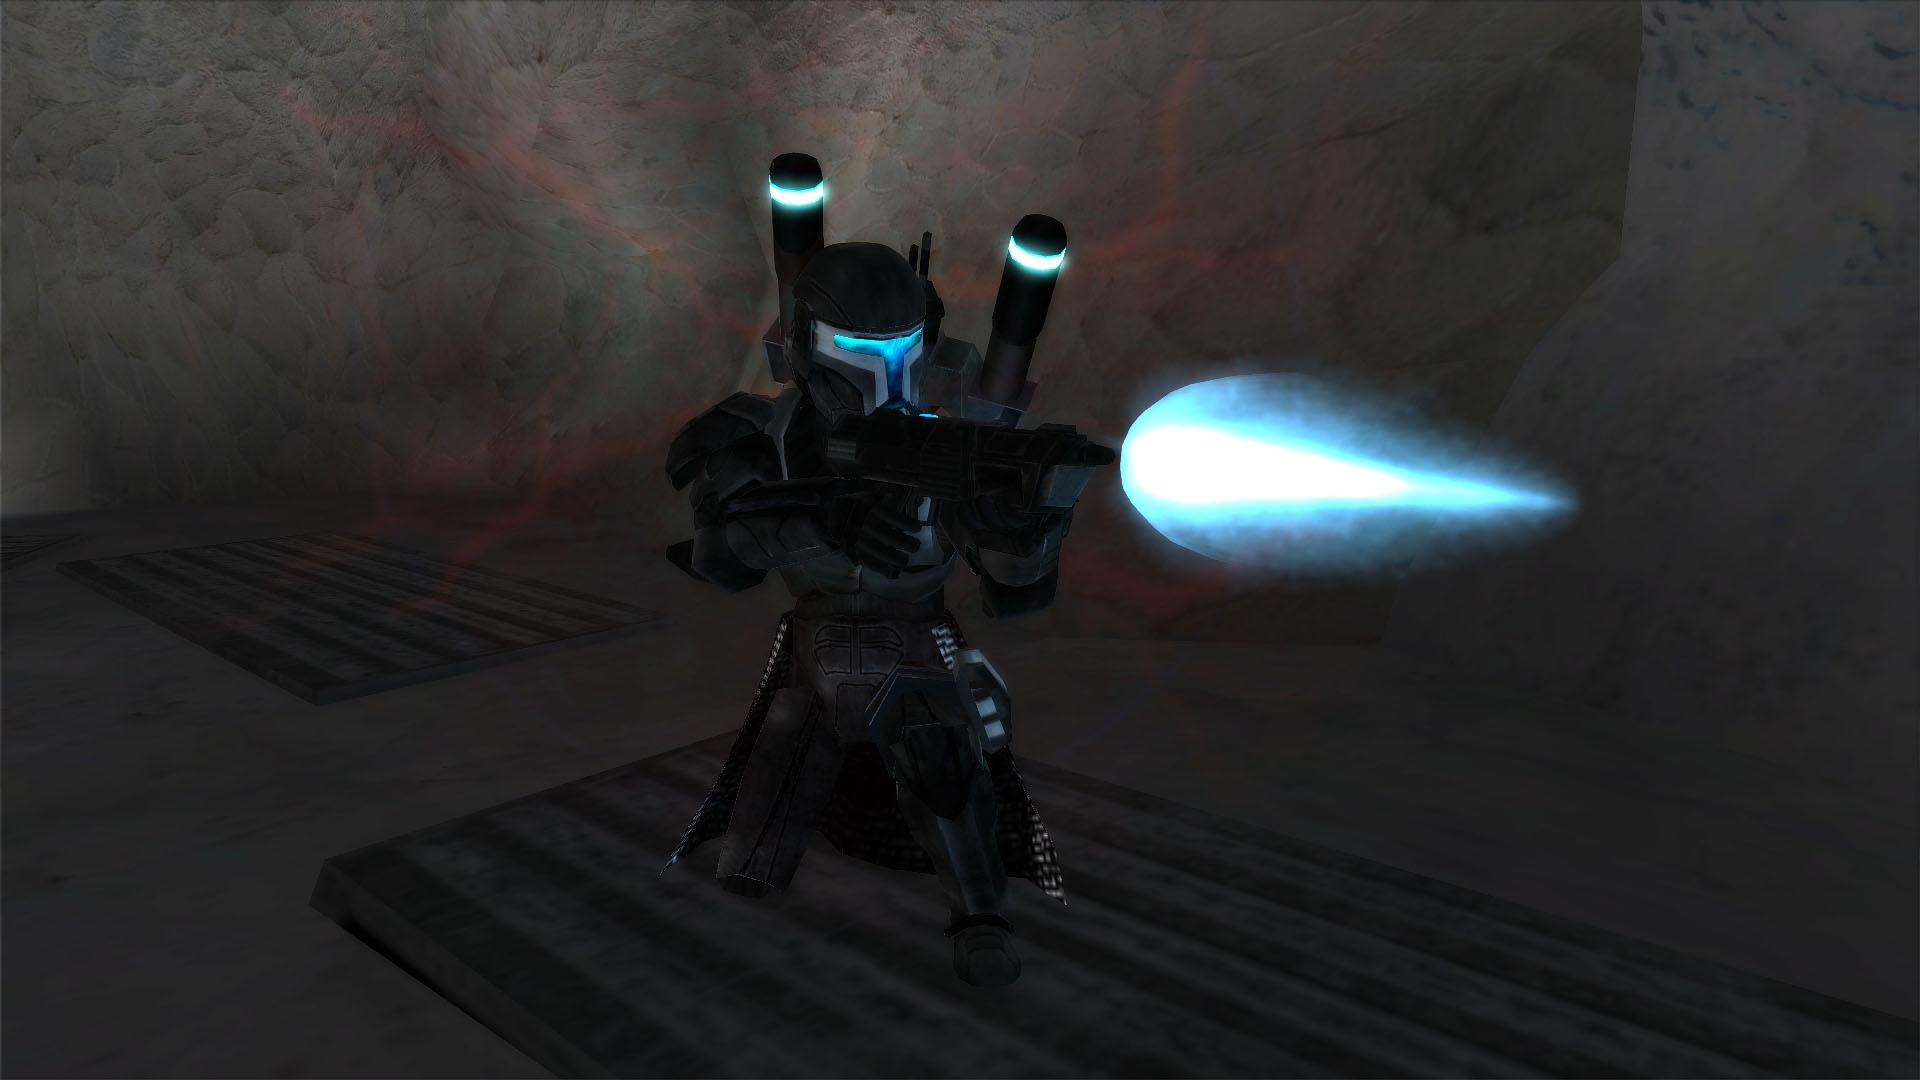 скачать star wars battlefront 2 бесплатно одним файлом